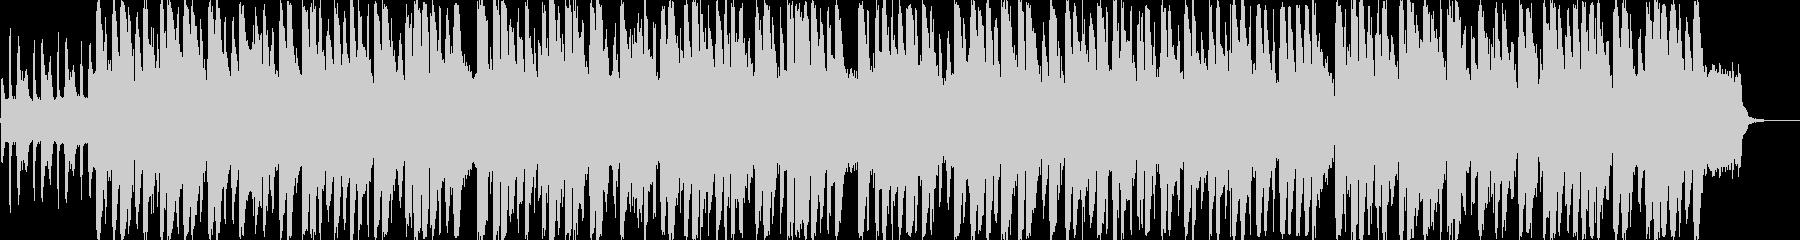 アコーディオンのほのぼの系ワルツの未再生の波形